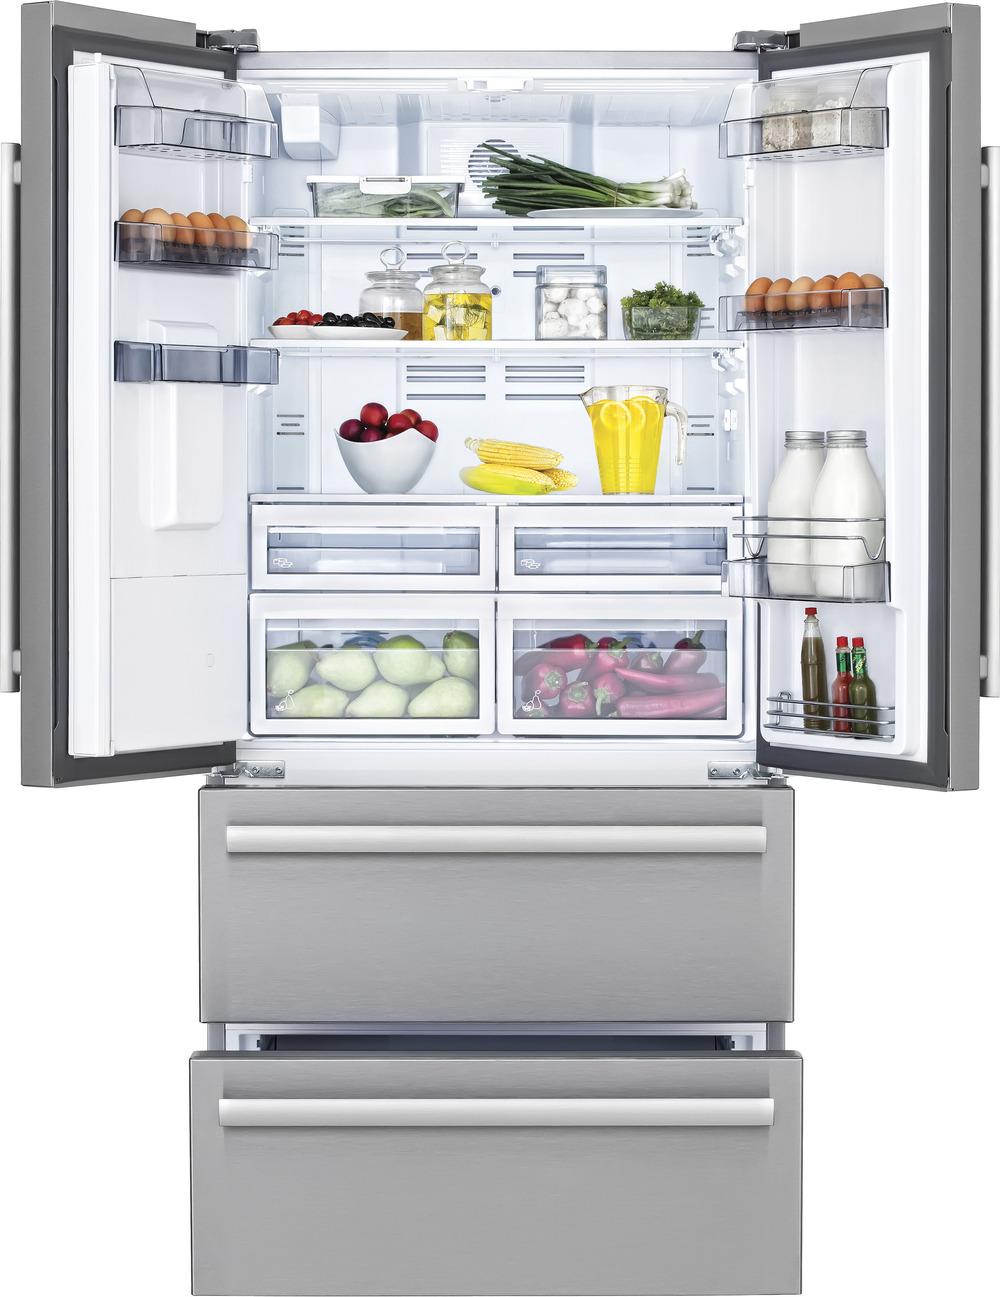 Blomberg side by side køleskab